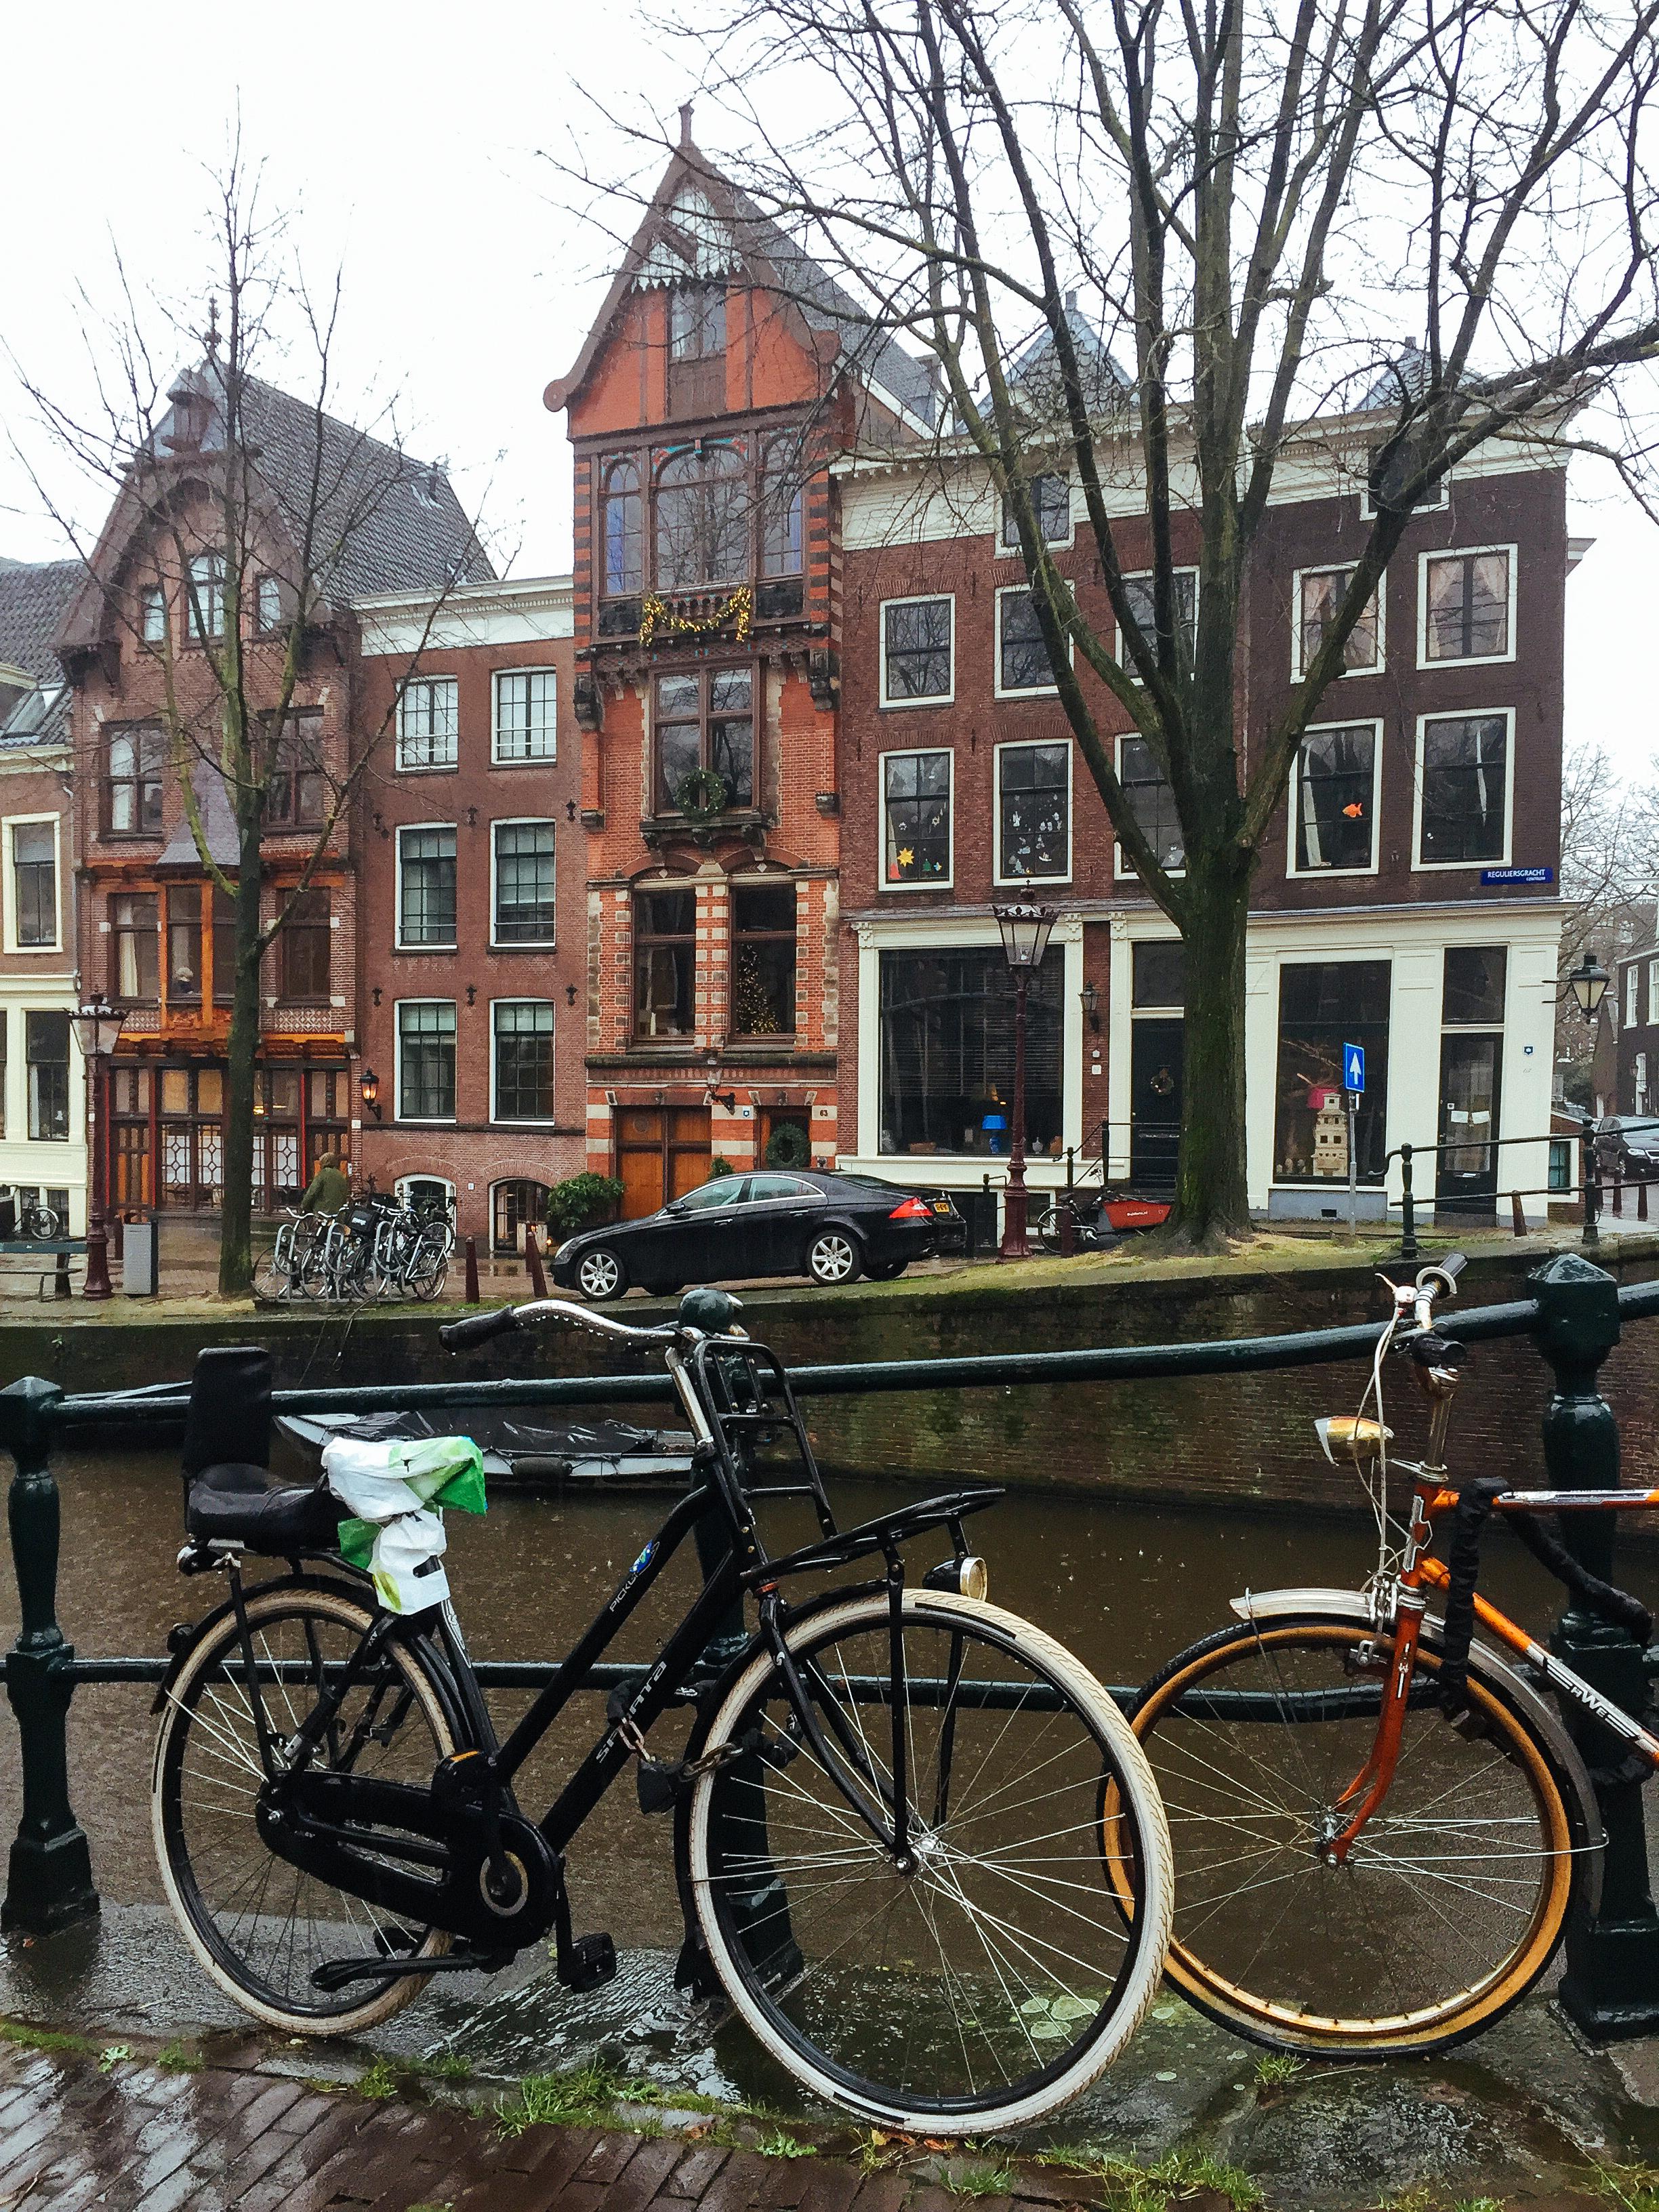 NYE in Amsterdam_QuinnsPlace-14-2.jpg